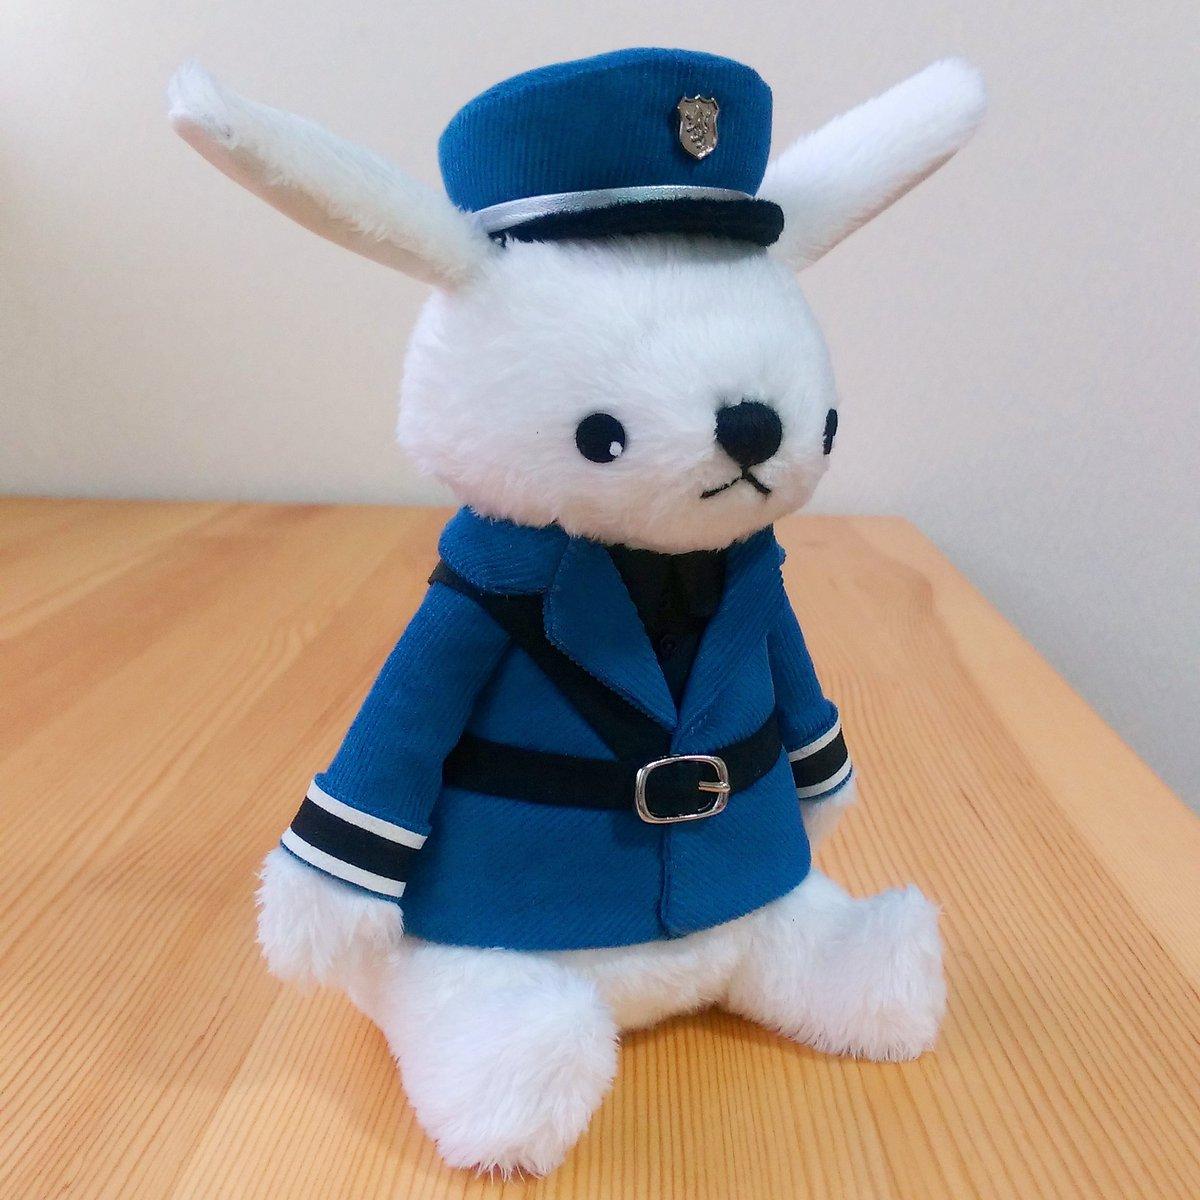 টইটর Yui 警察官うさぎ完成 ピッタリなパーツ